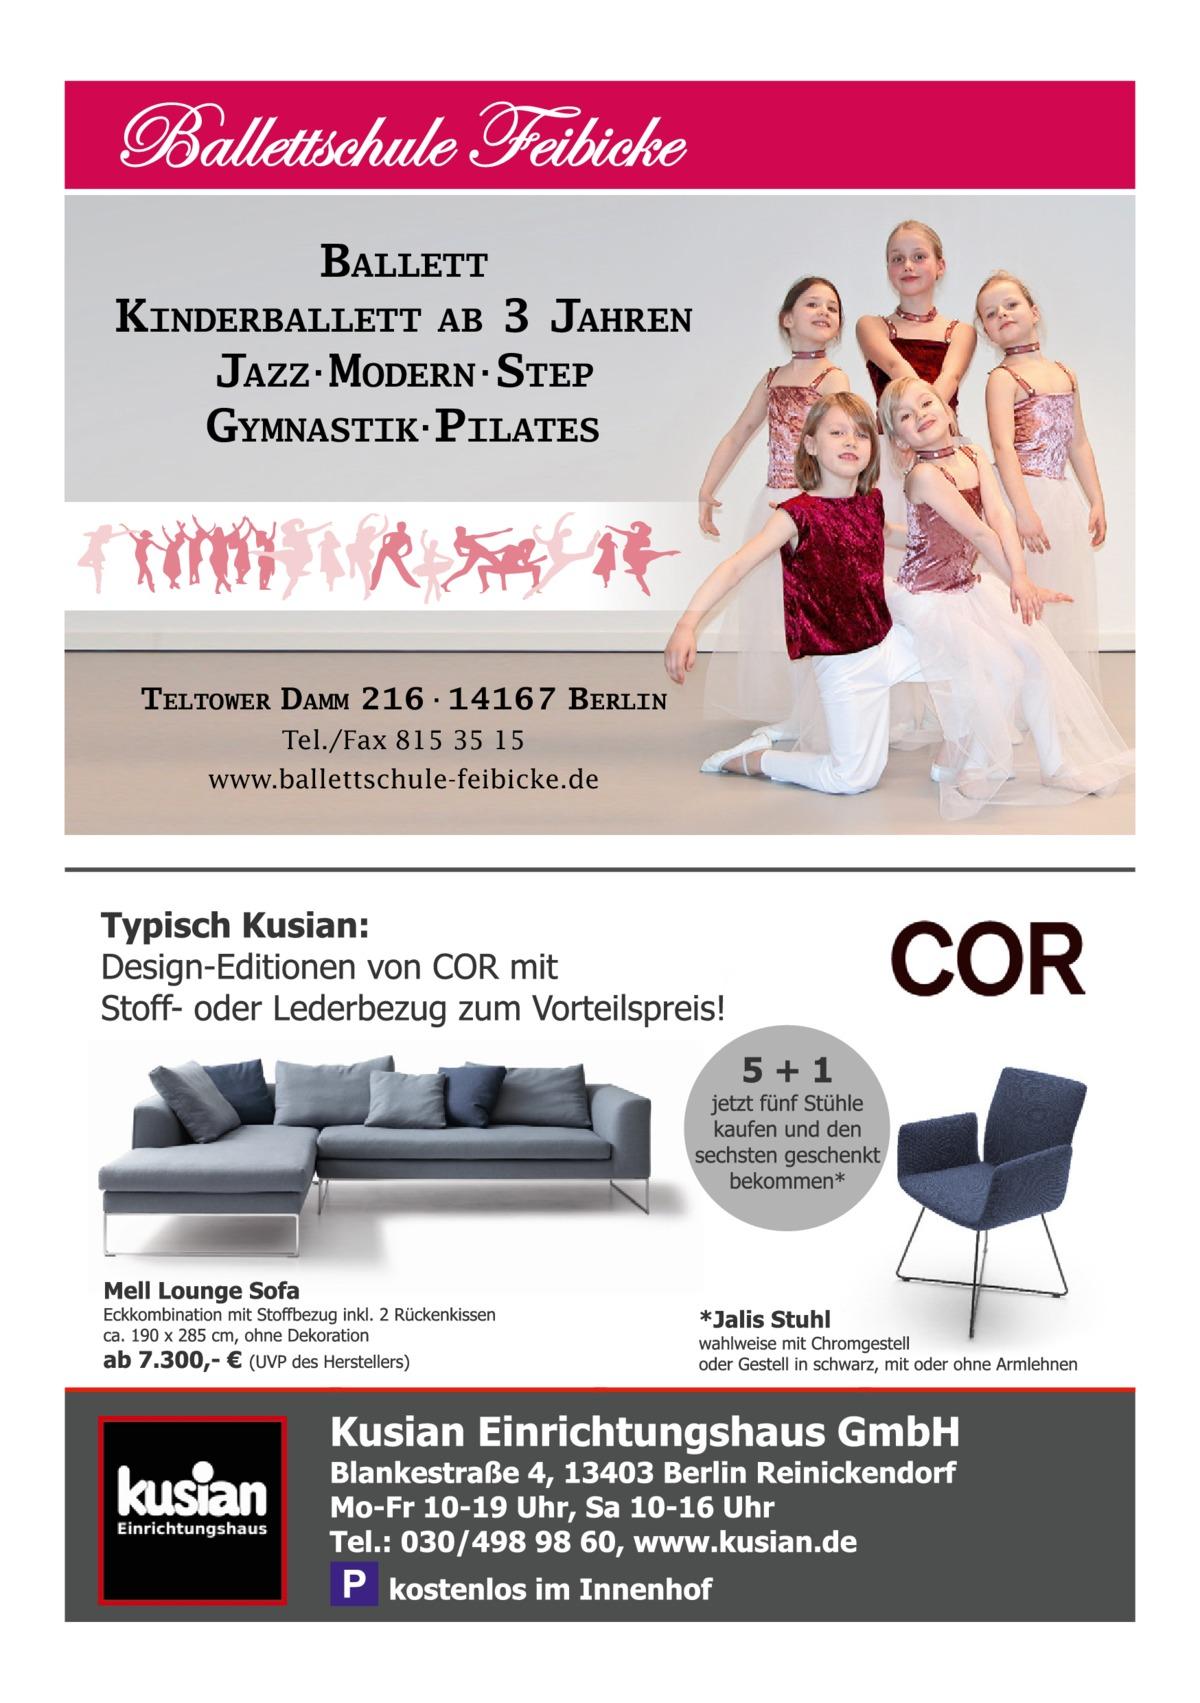 BALLETT KINDERBALLETT AB 3 JAHREN JAZZ·MODERN·STEP GYMNASTIK·PILATES  TELTOWER DAMM 216·14167 BERLIN Tel./Fax 815 35 15 www.ballettschule-feibicke.de